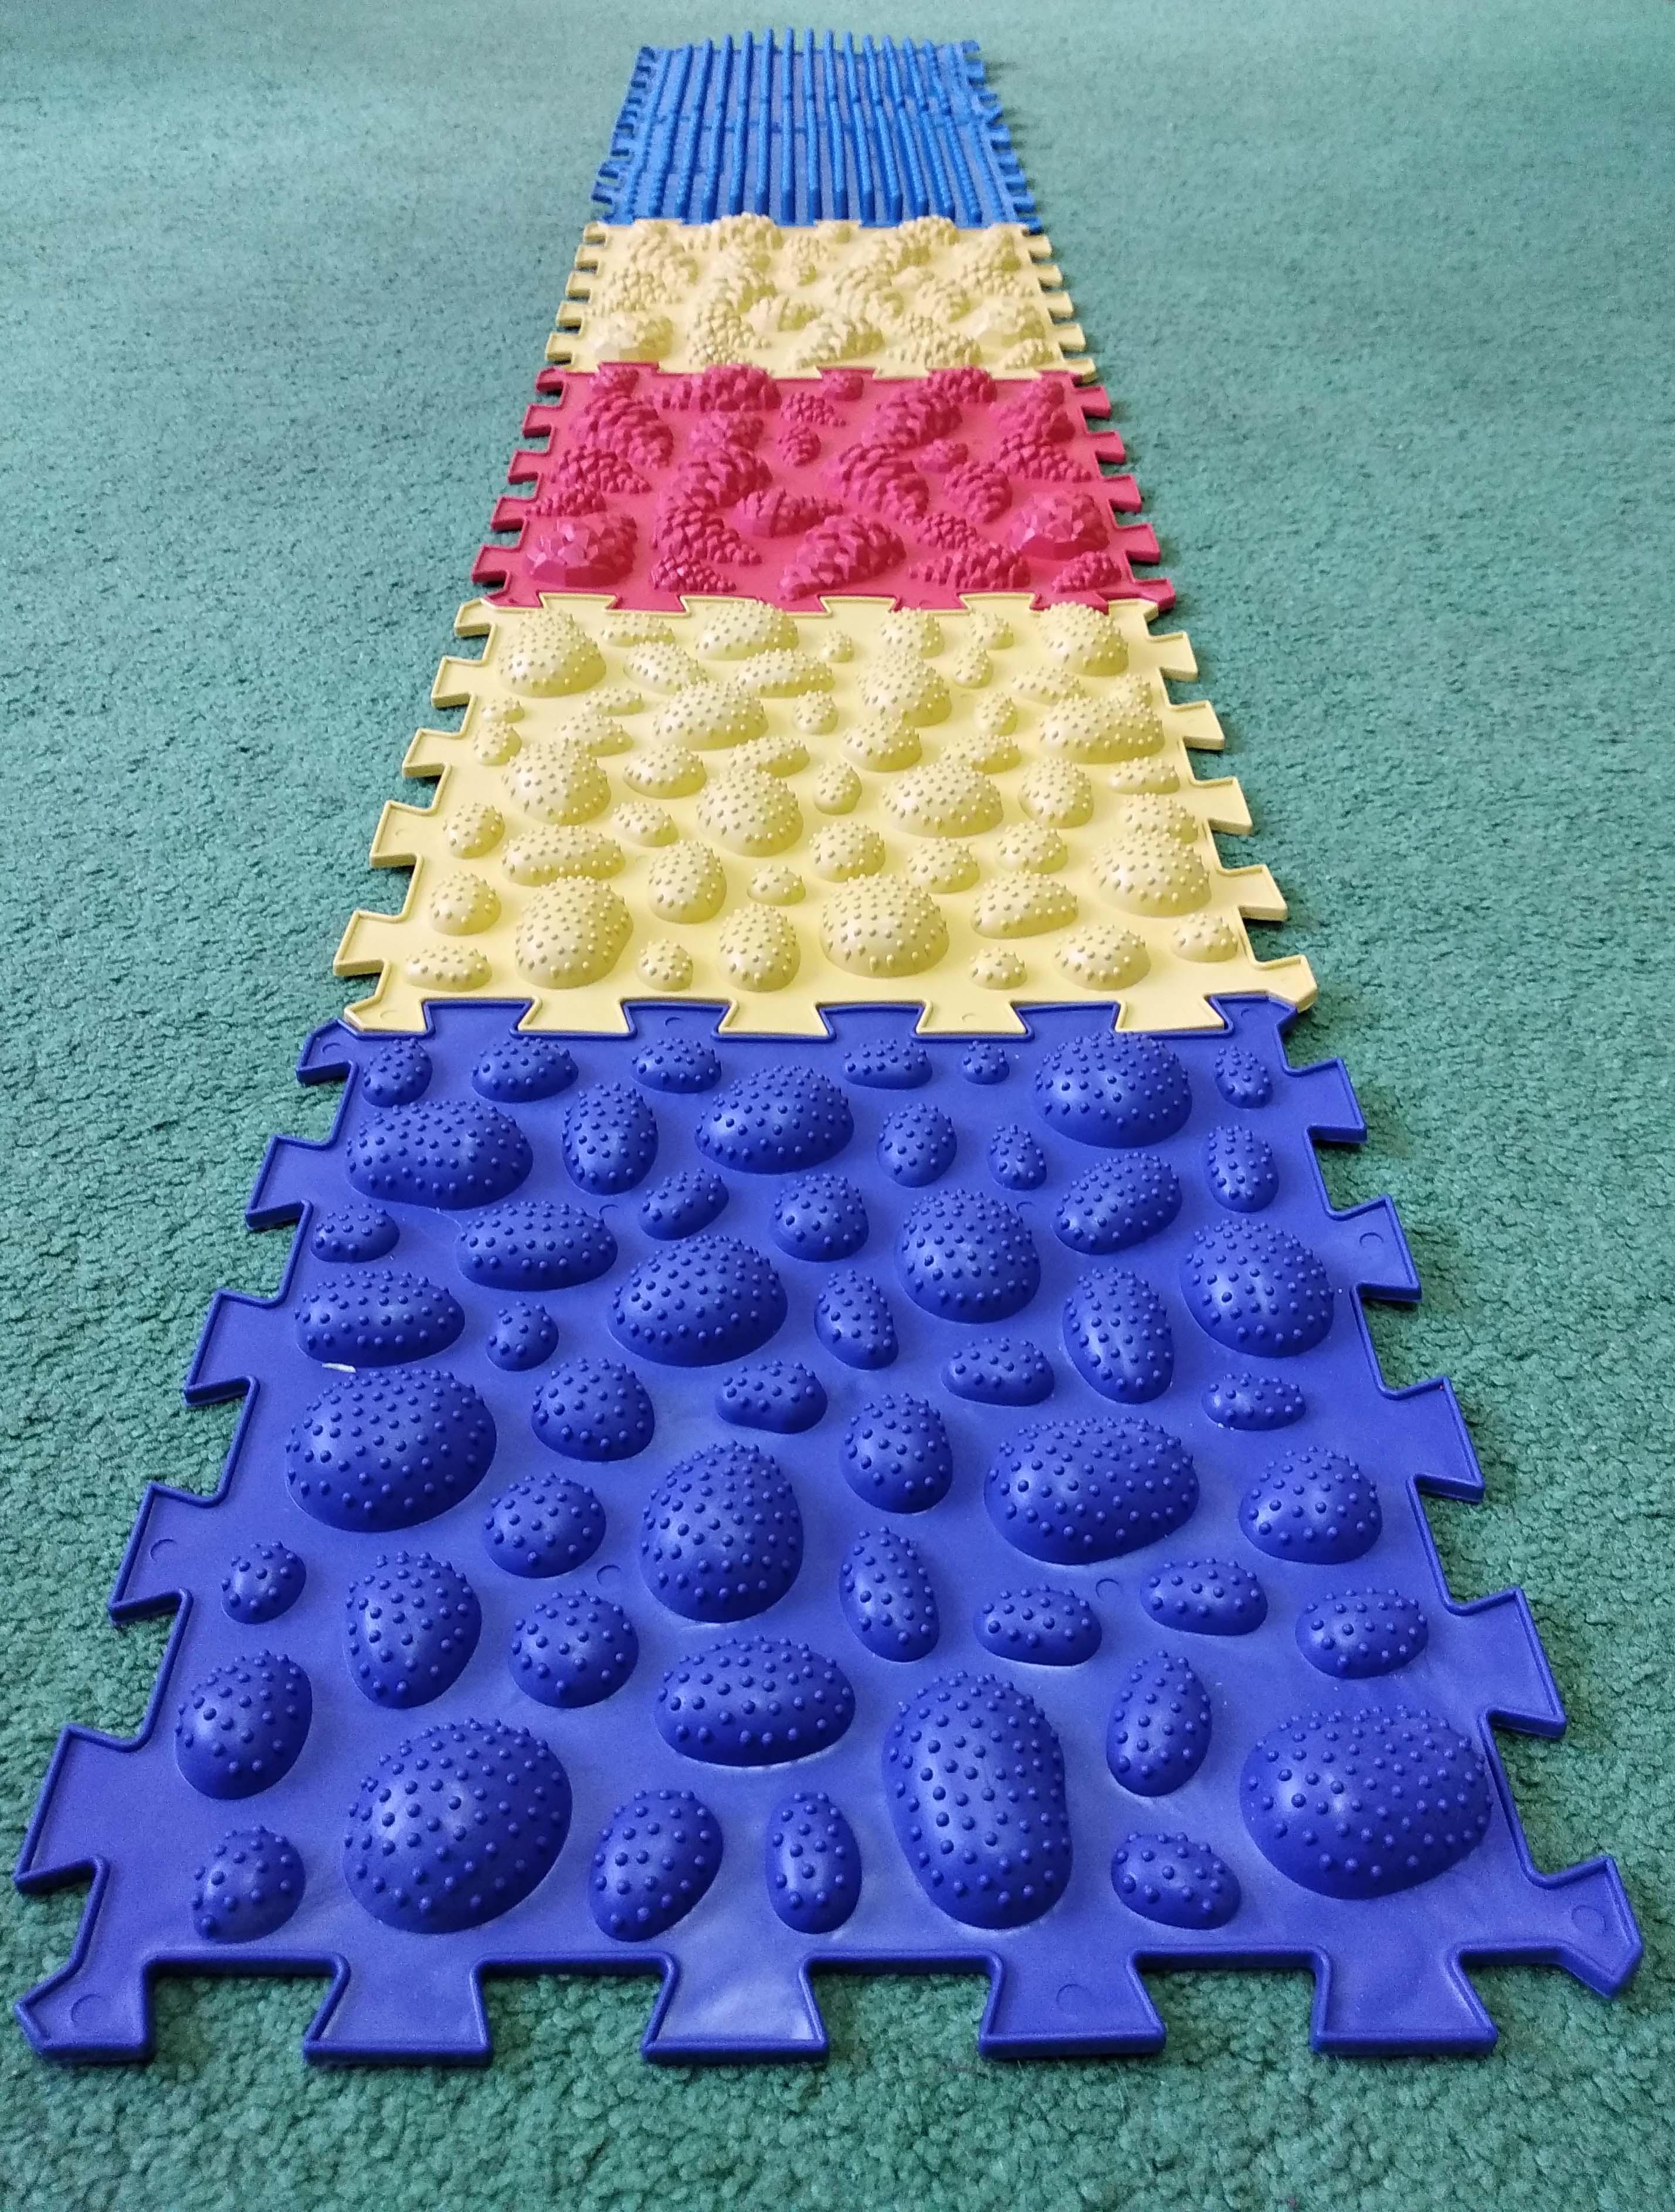 Ортопедический массажный коврик для детей: упражнения и отзывы